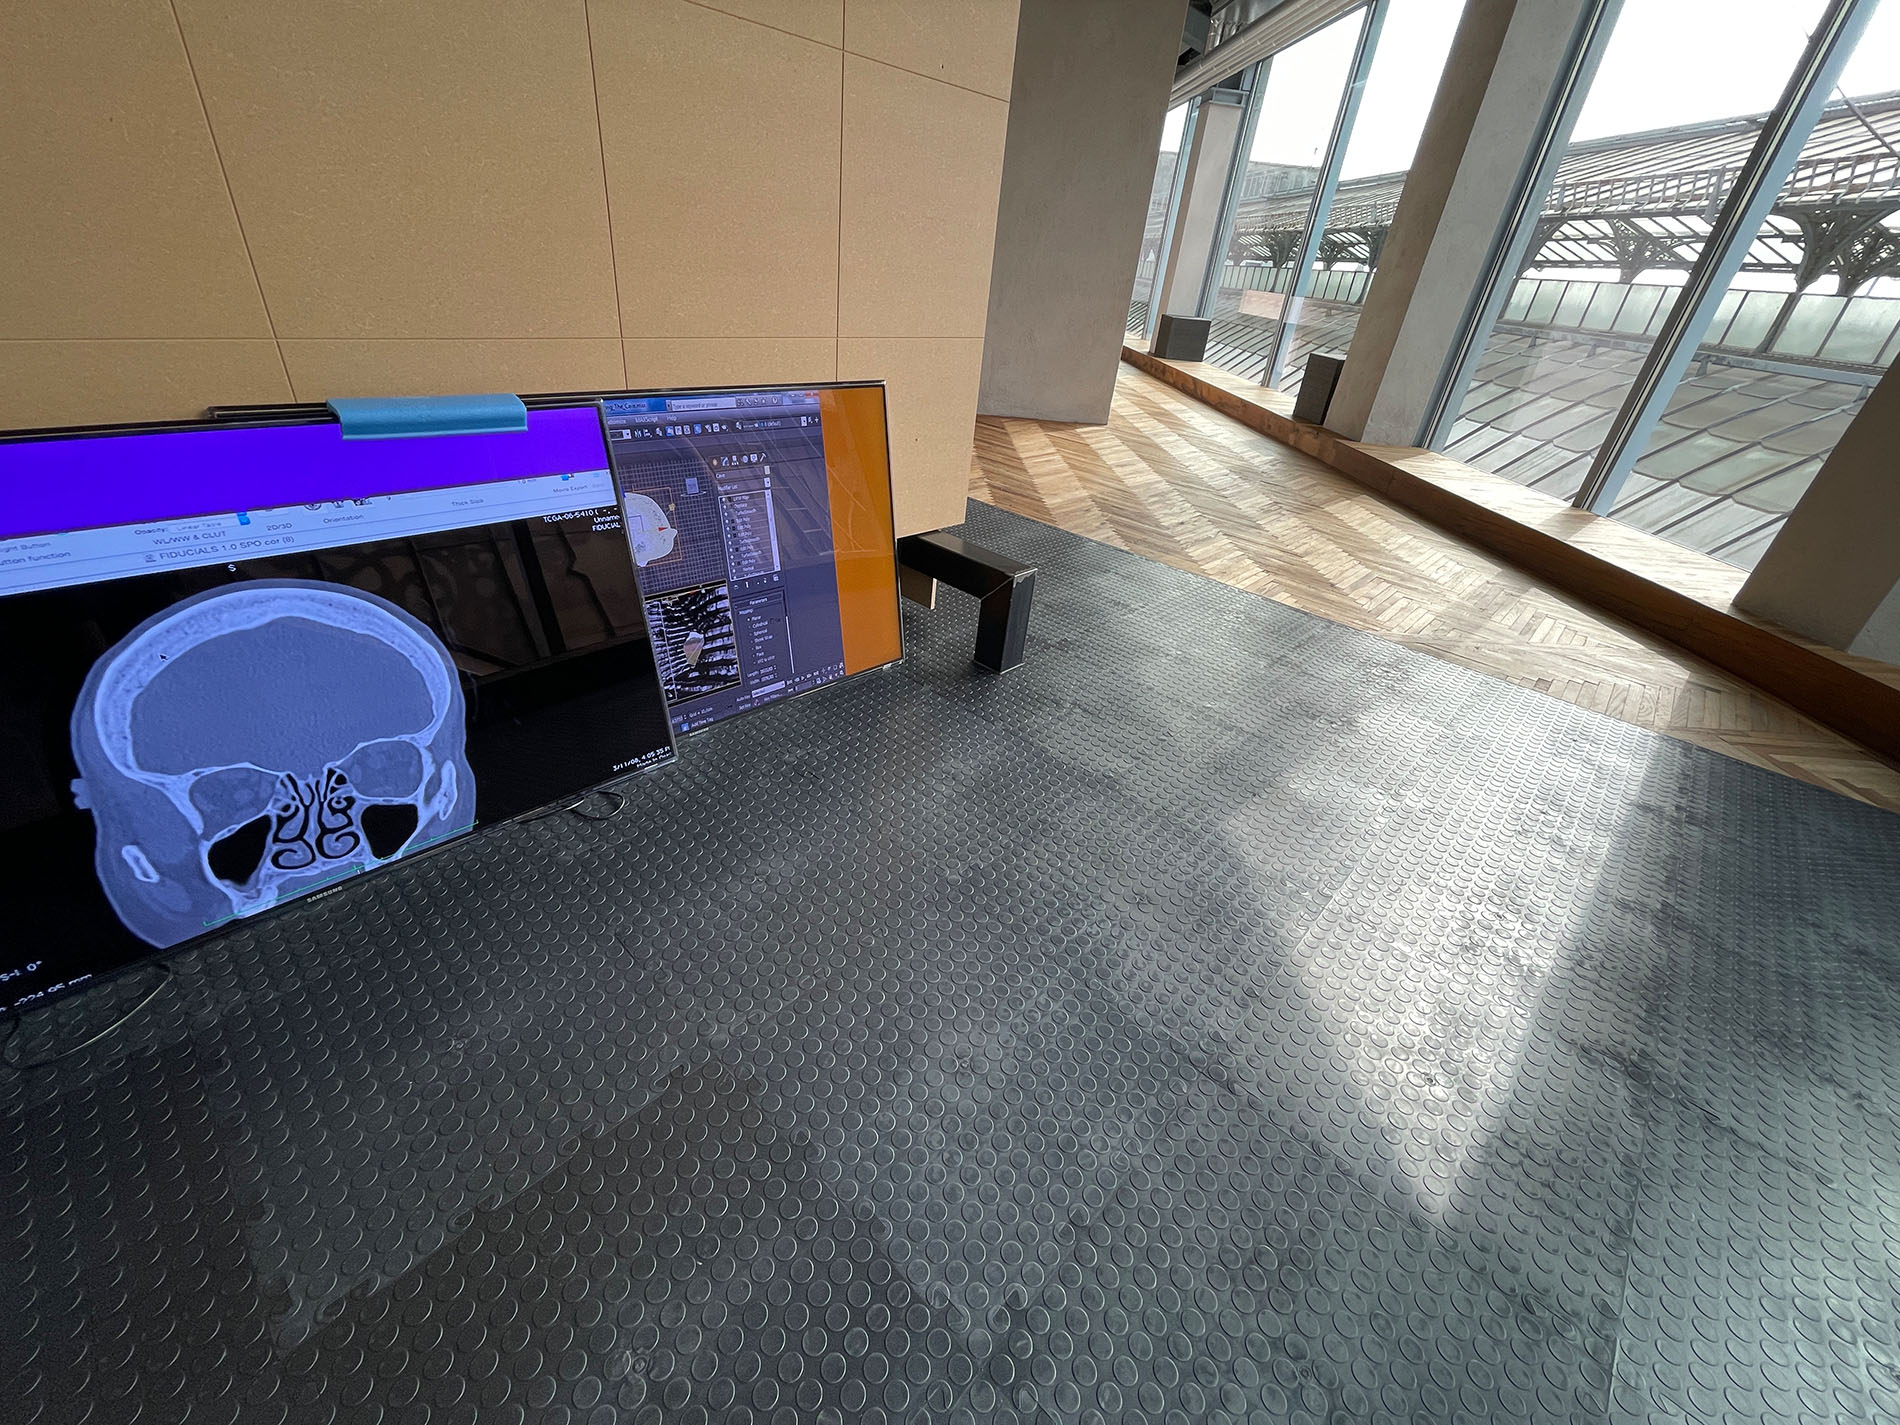 """Ausstellungsansicht """"Sturm&Drang"""", Osservatorio Fondazione Prada, Mailand, Digital industry, 2021, Holzstruktur, Eisenstangenpole, Plexiglas, MDF, Computer. Foto: Barbara Fässler. Courtesy: Fondazione Prada"""